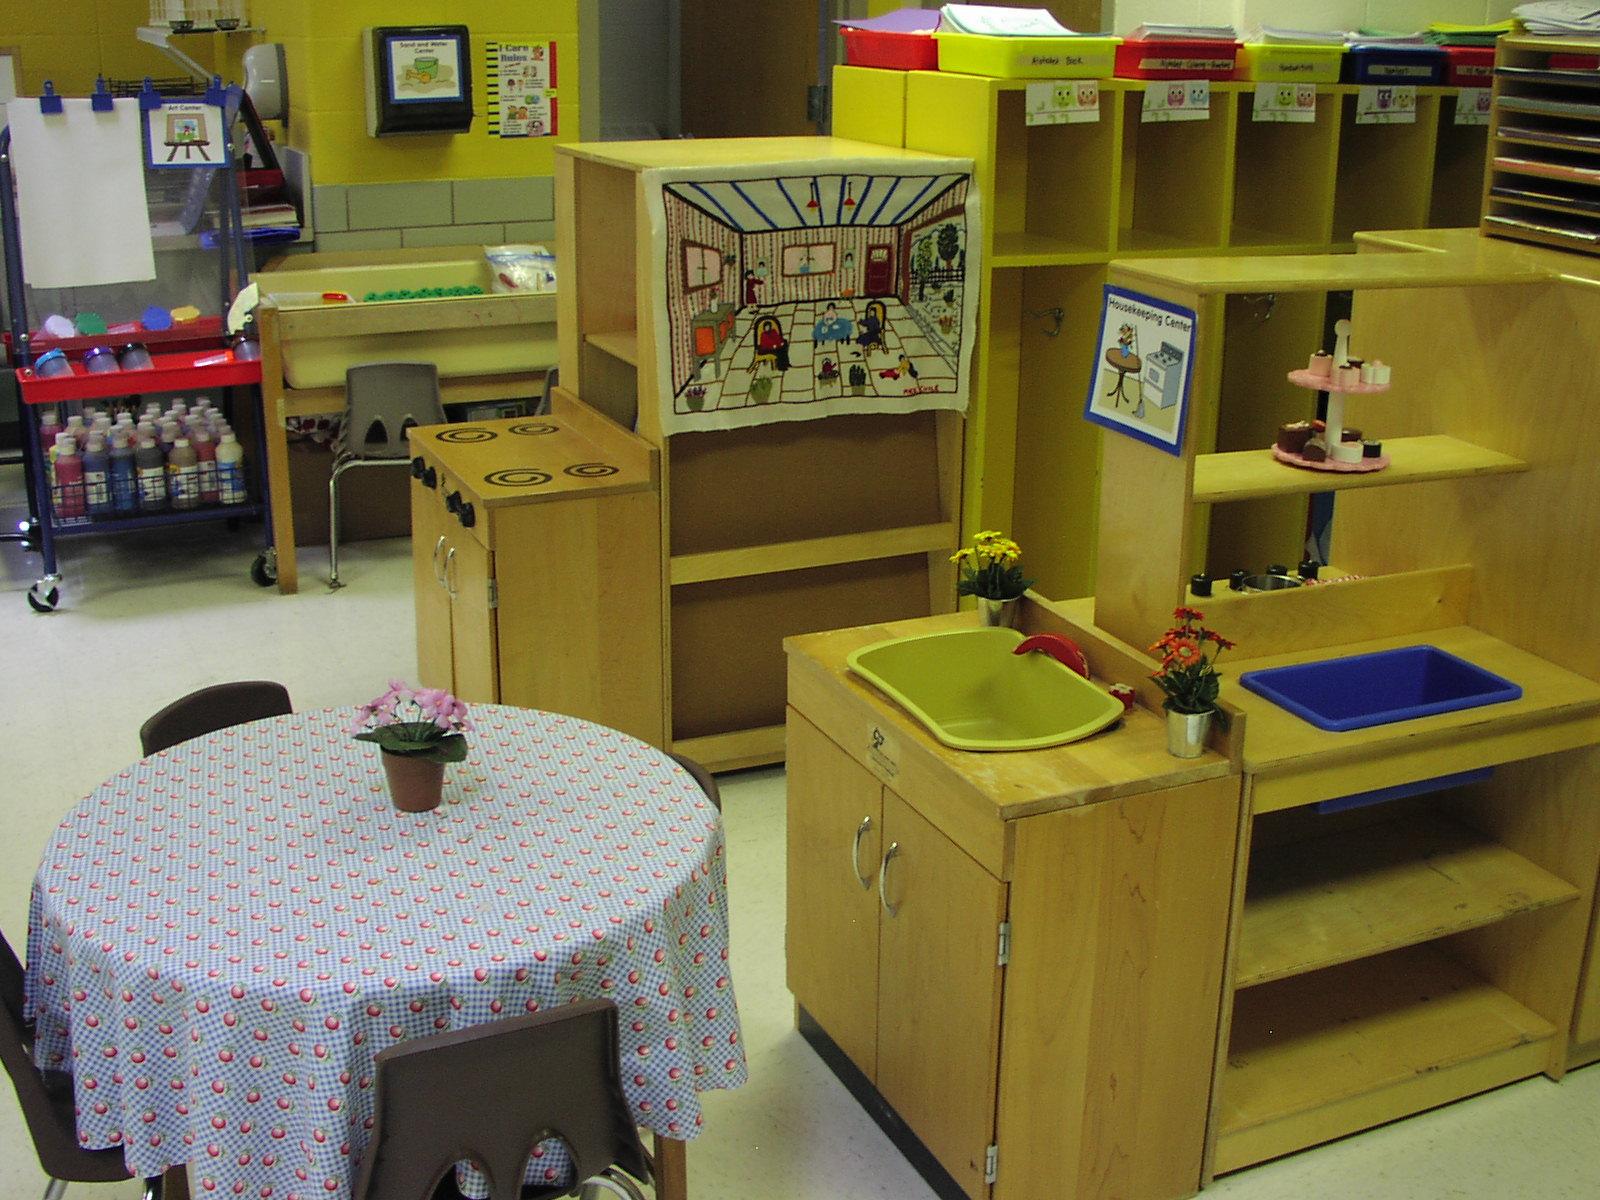 corner kitchen rug artwork for walls keen on kindergarten: classroom pics!